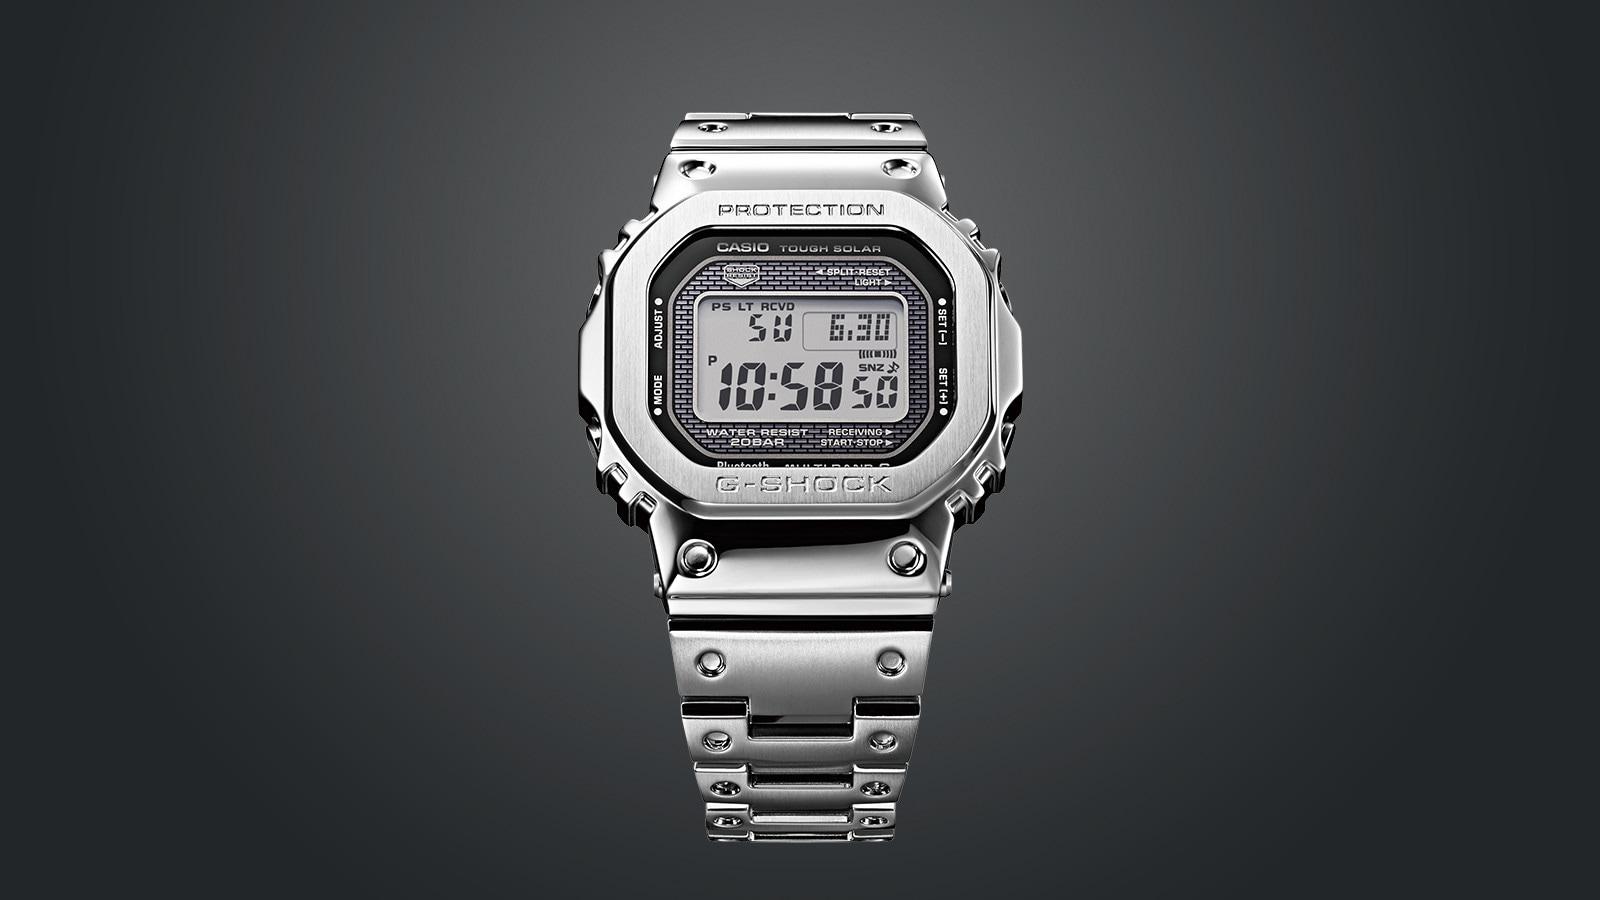 64bac384c31 GMW-B5000 - Standard Digital - Products - G-SHOCK - CASIO